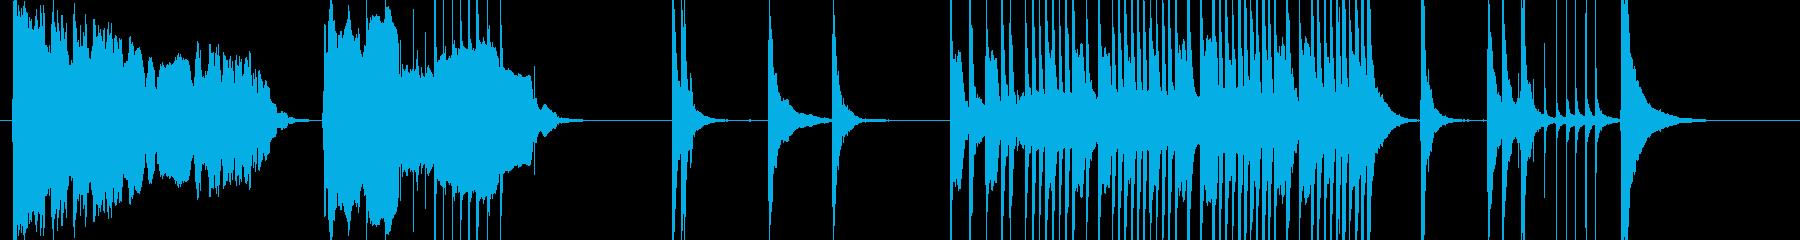 浪人武士の決闘シーンで使われそうの再生済みの波形